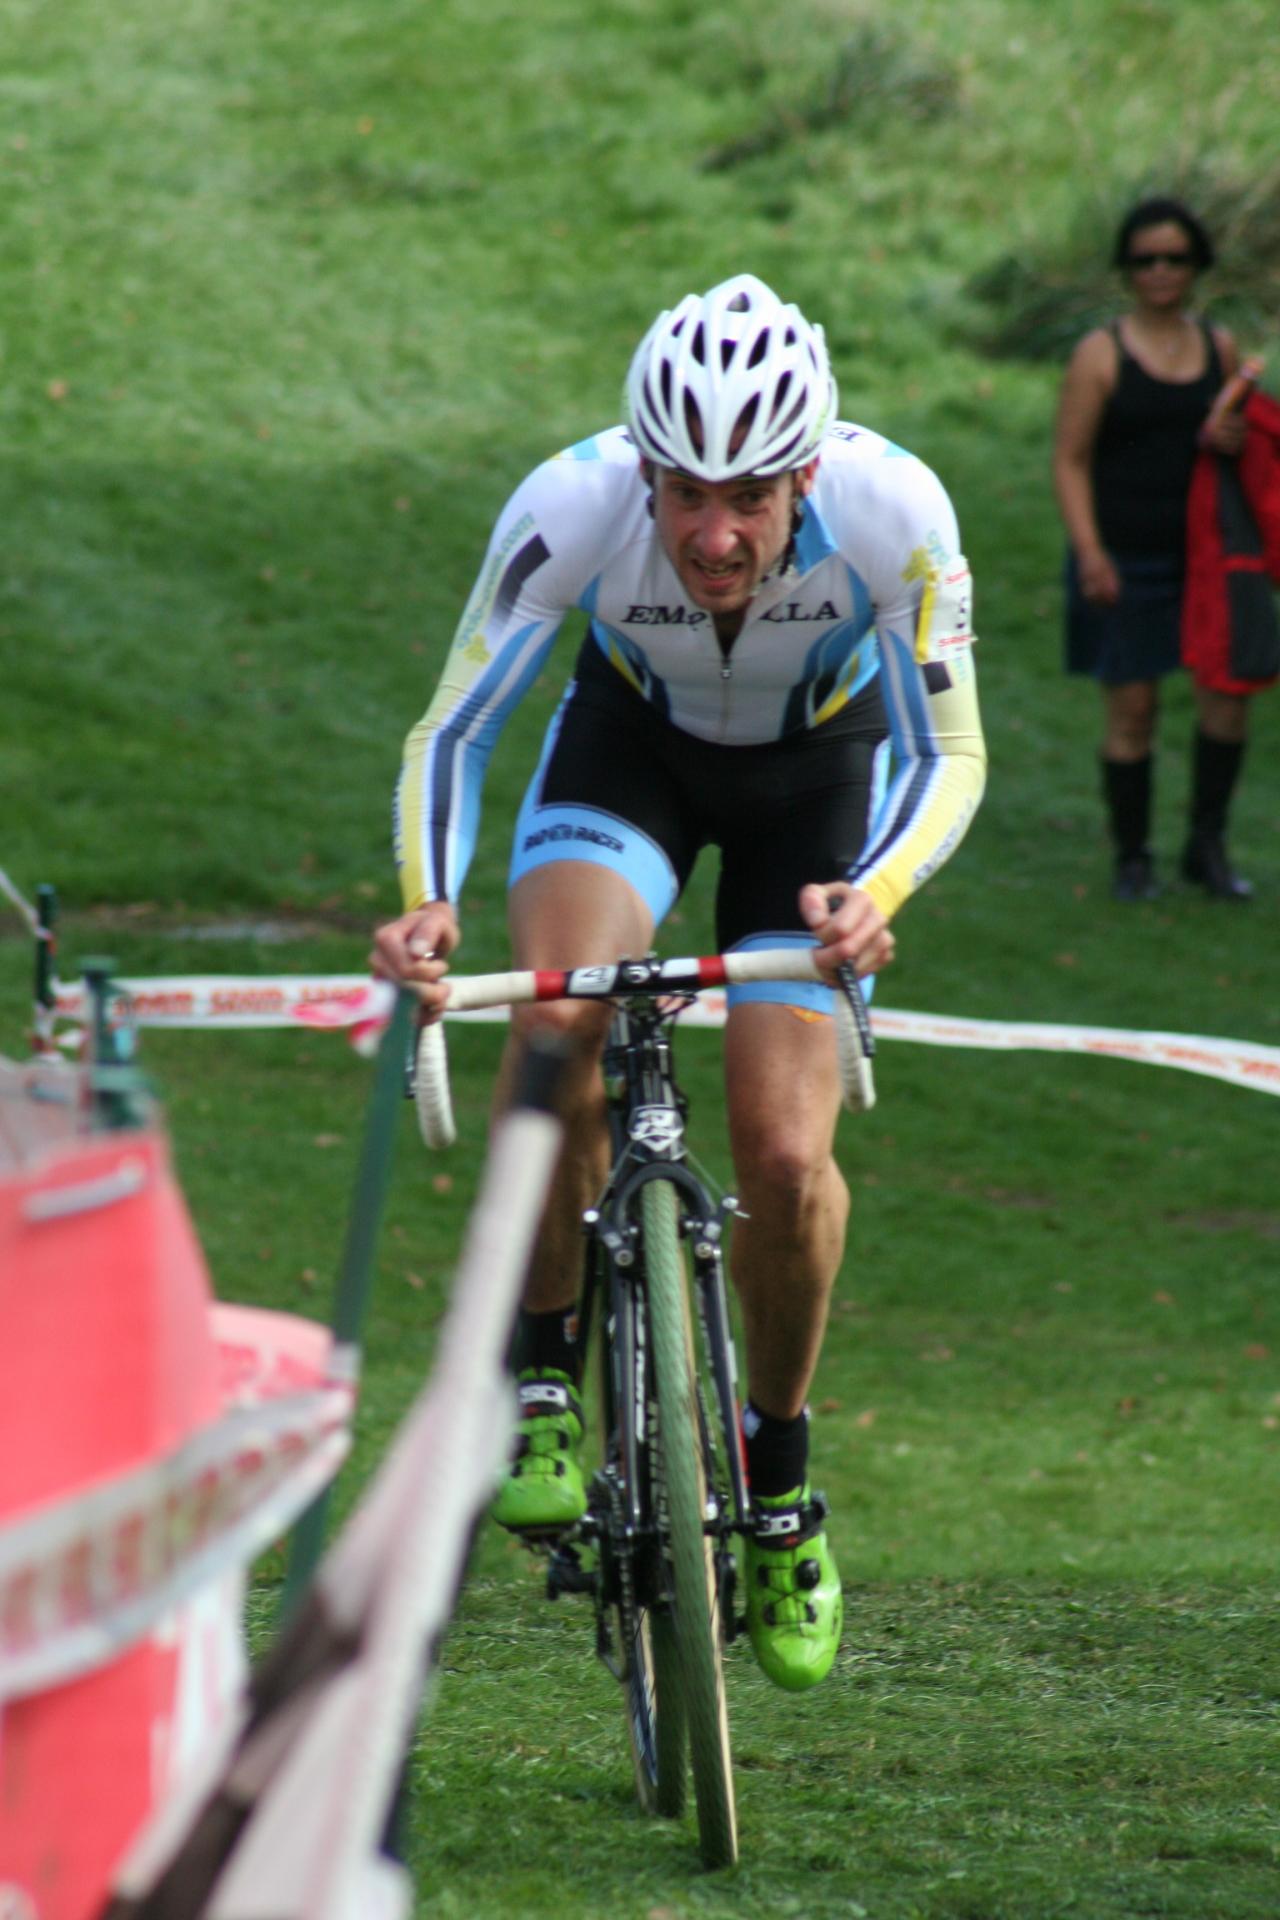 Tim Berry Team Empella Cyclo-Cross.Com